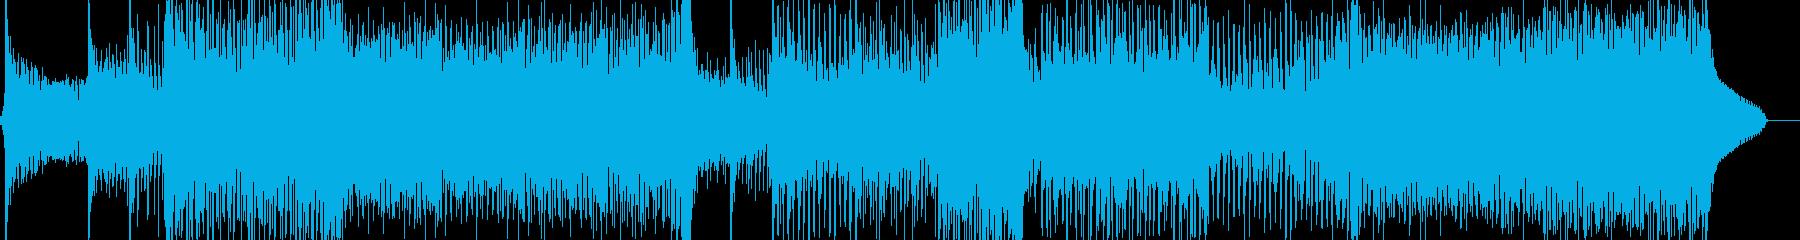 民族音階とサイケデリックなEDMの再生済みの波形